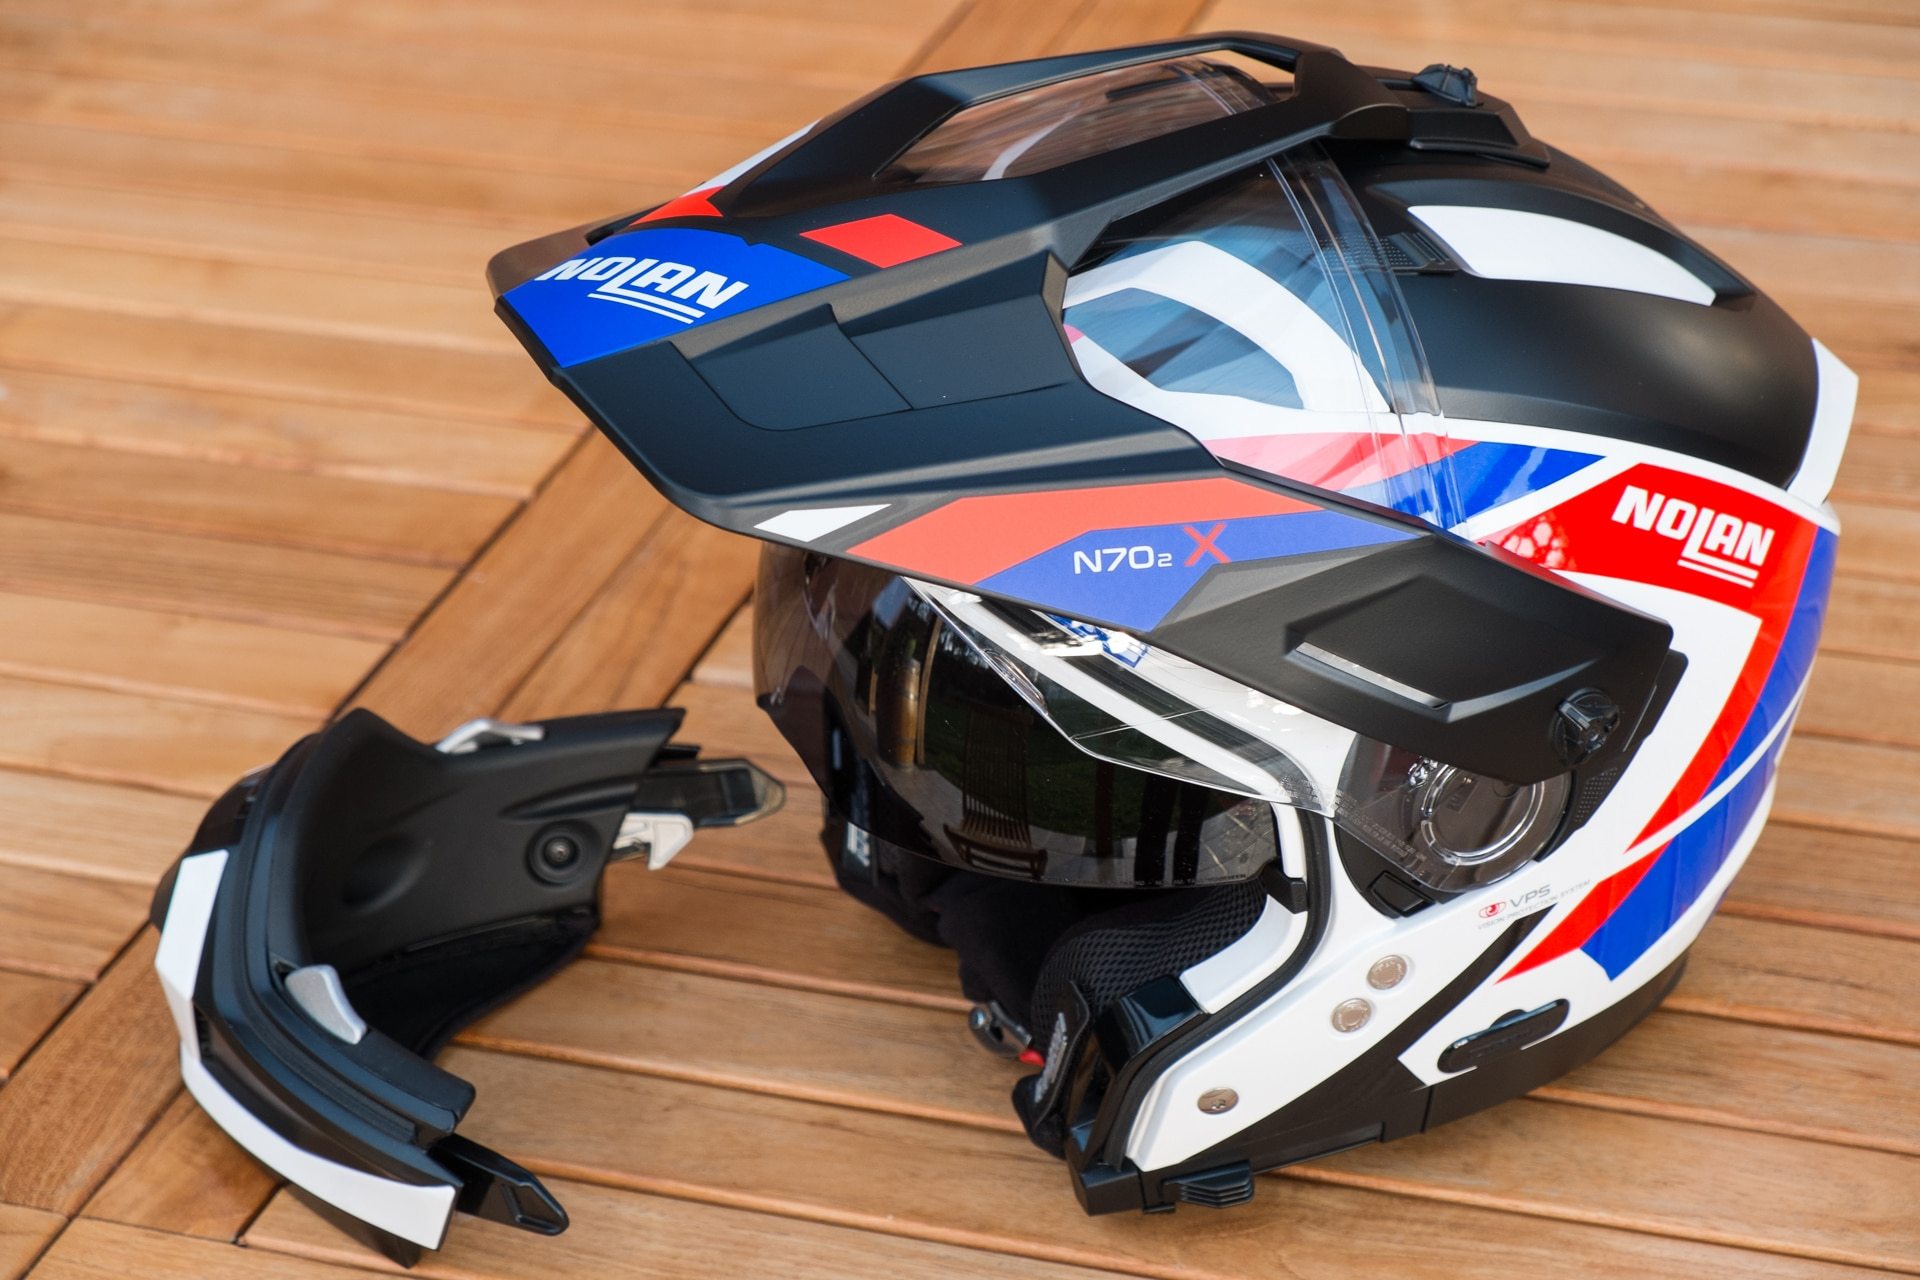 Test Du Casque Nolan N70 2 X Un Dual Sport Modulaire Bien